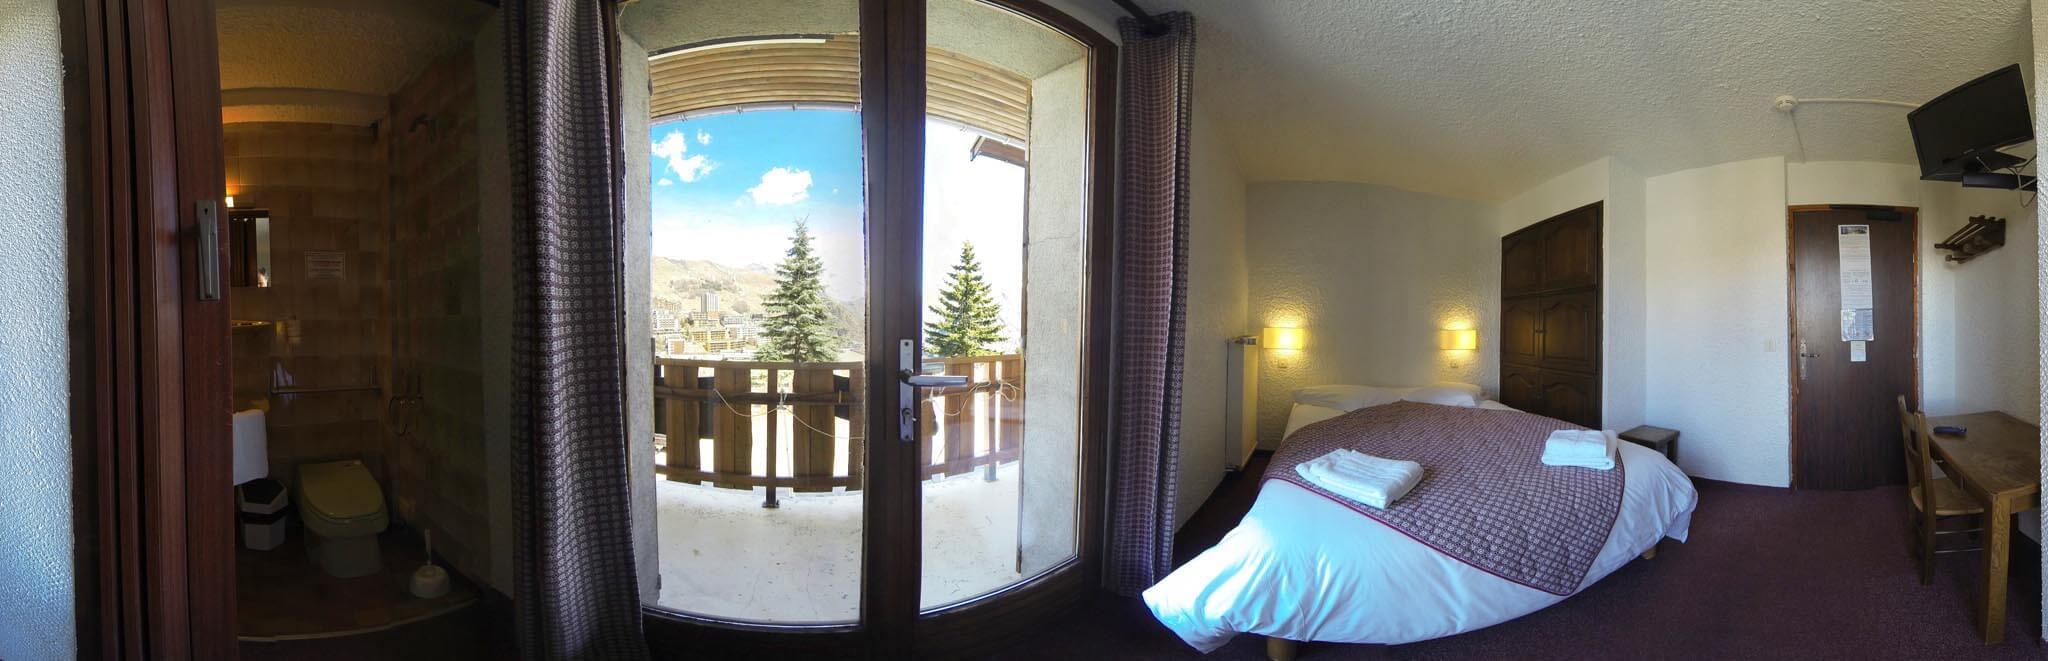 Chambre 1 Hotel les Gardettes Orcieres